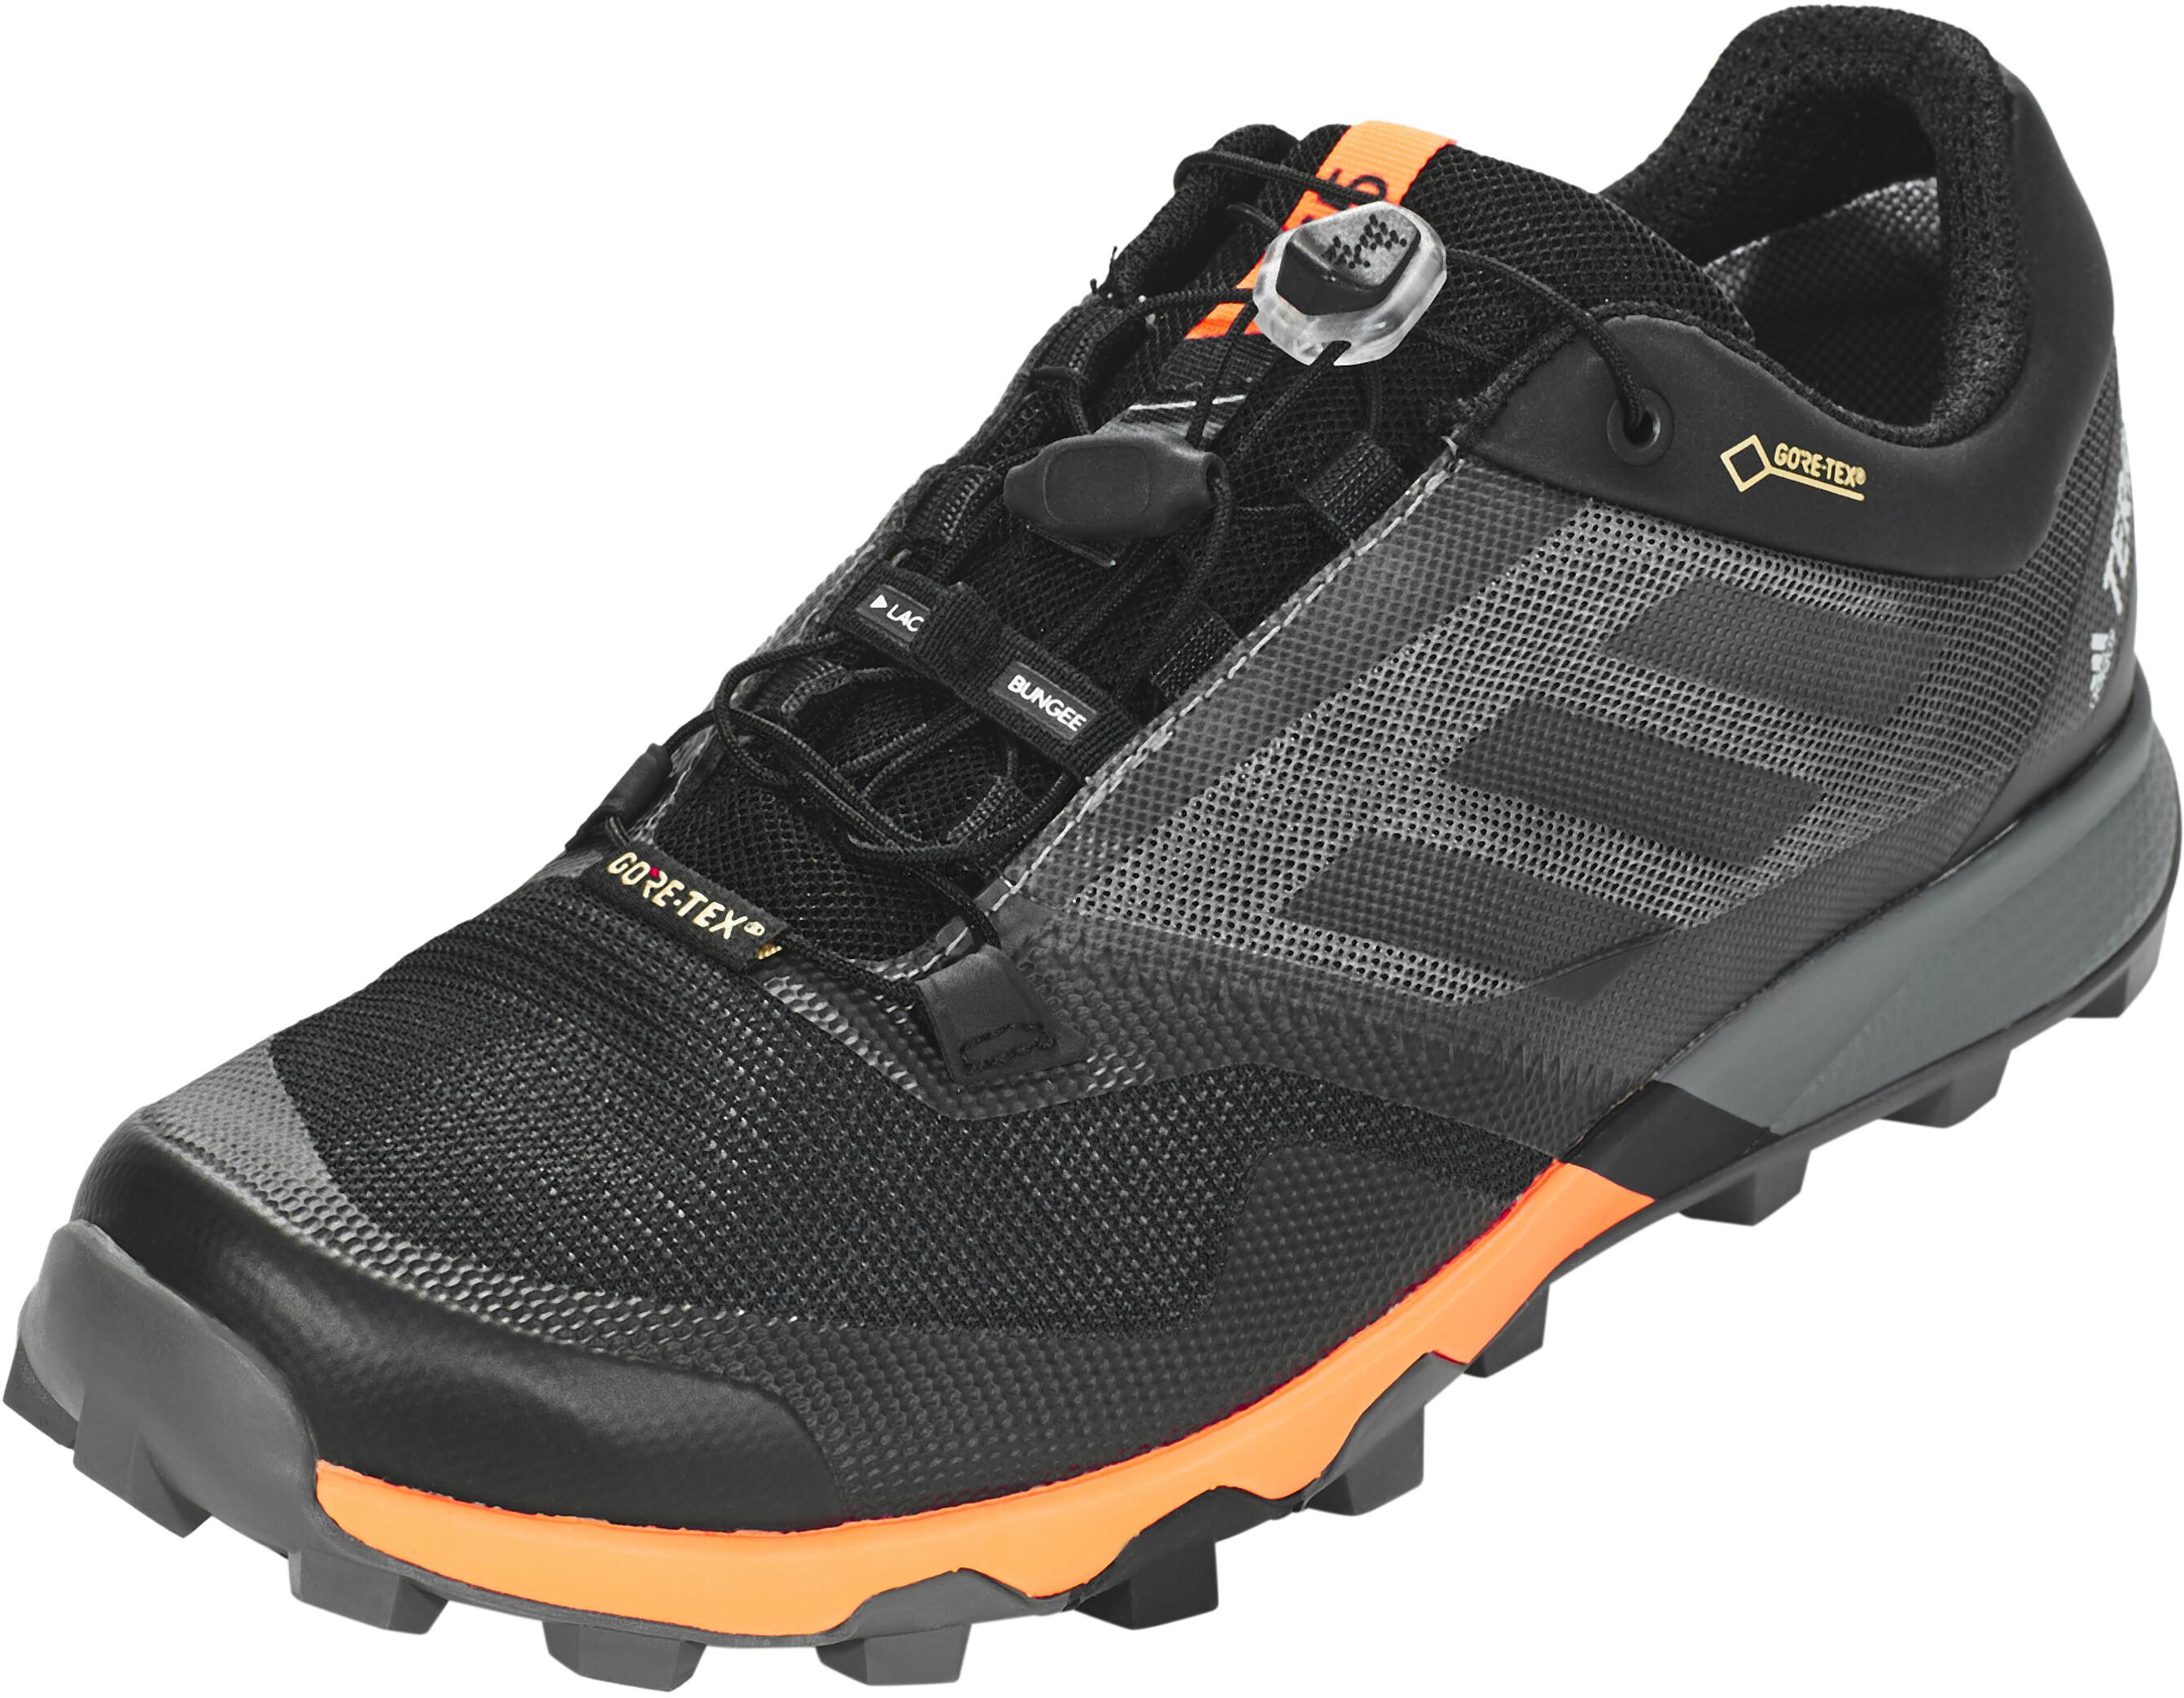 adidas TERREX Trailmaker GTX Löparskor Herr orange svart - till ... 9b7ed4f9090c2